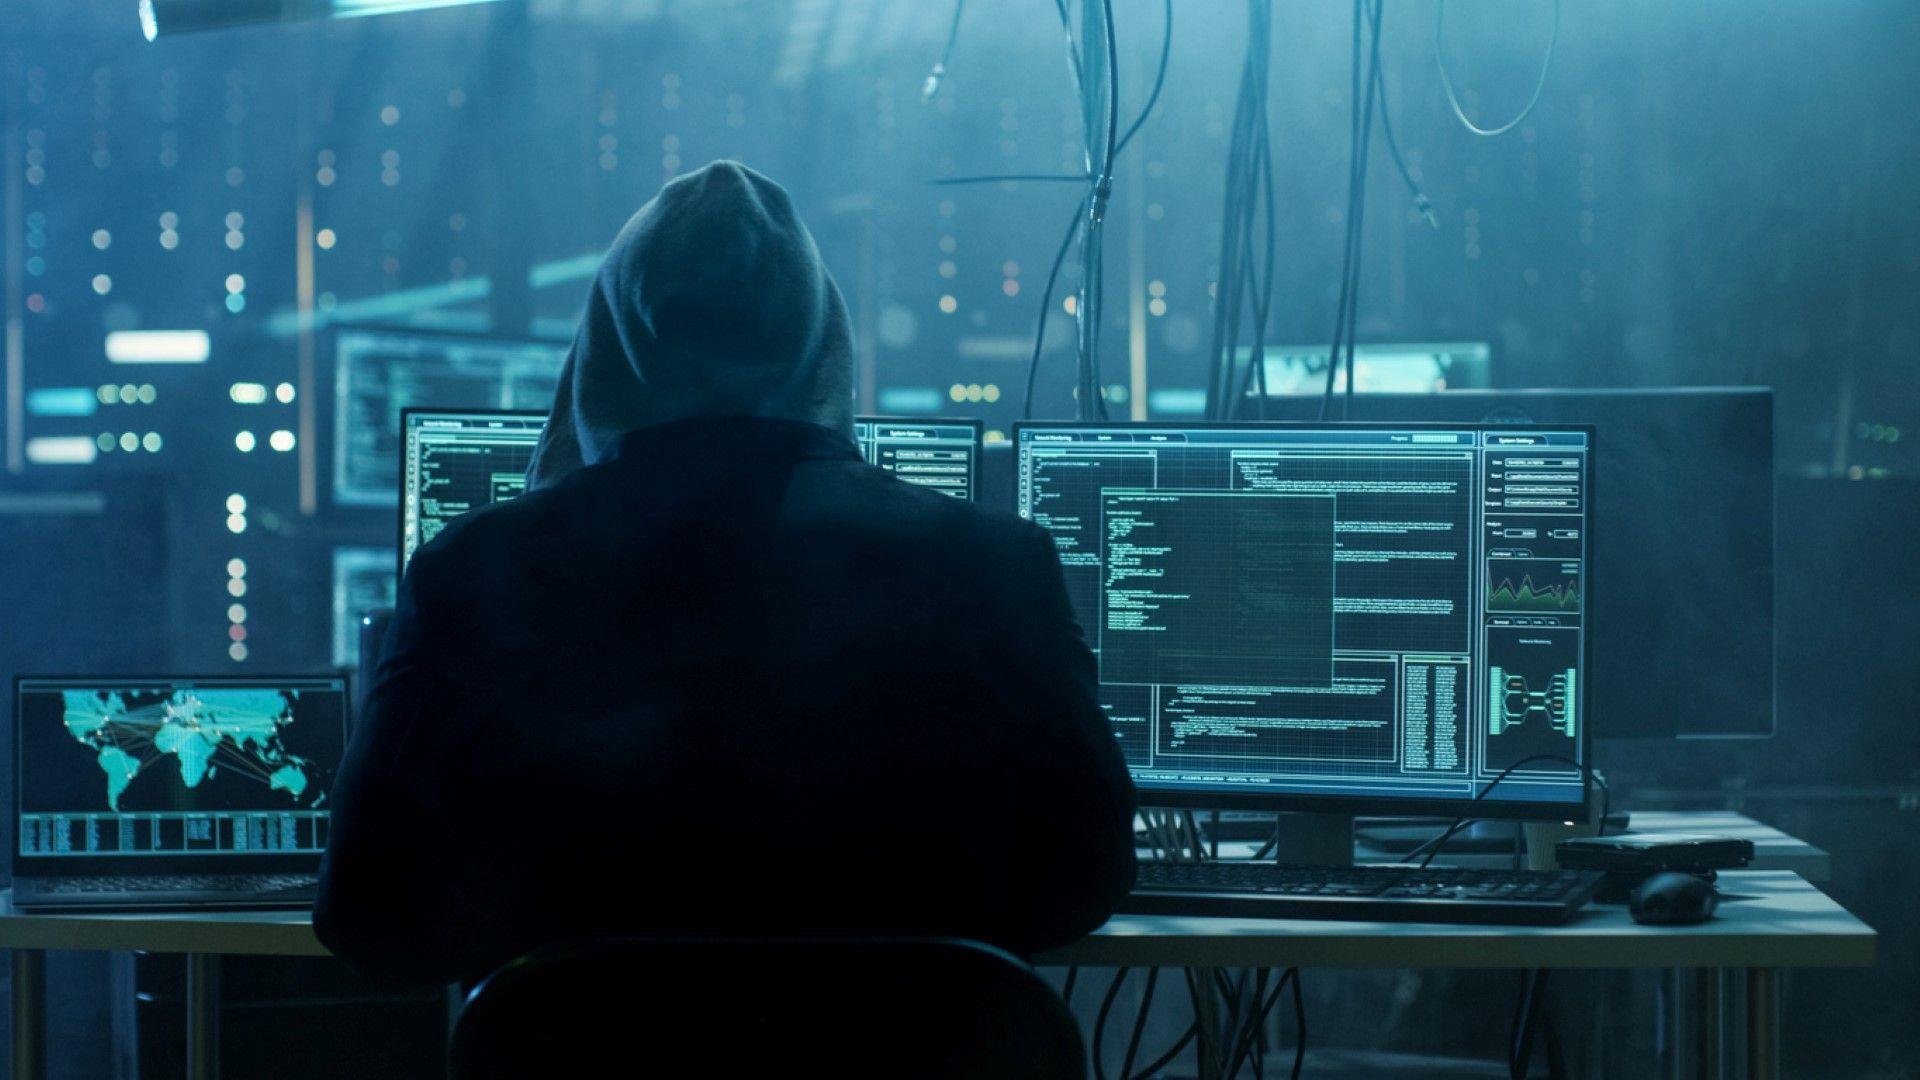 Глобална кибератака може да е по-страшна и от ядрена война